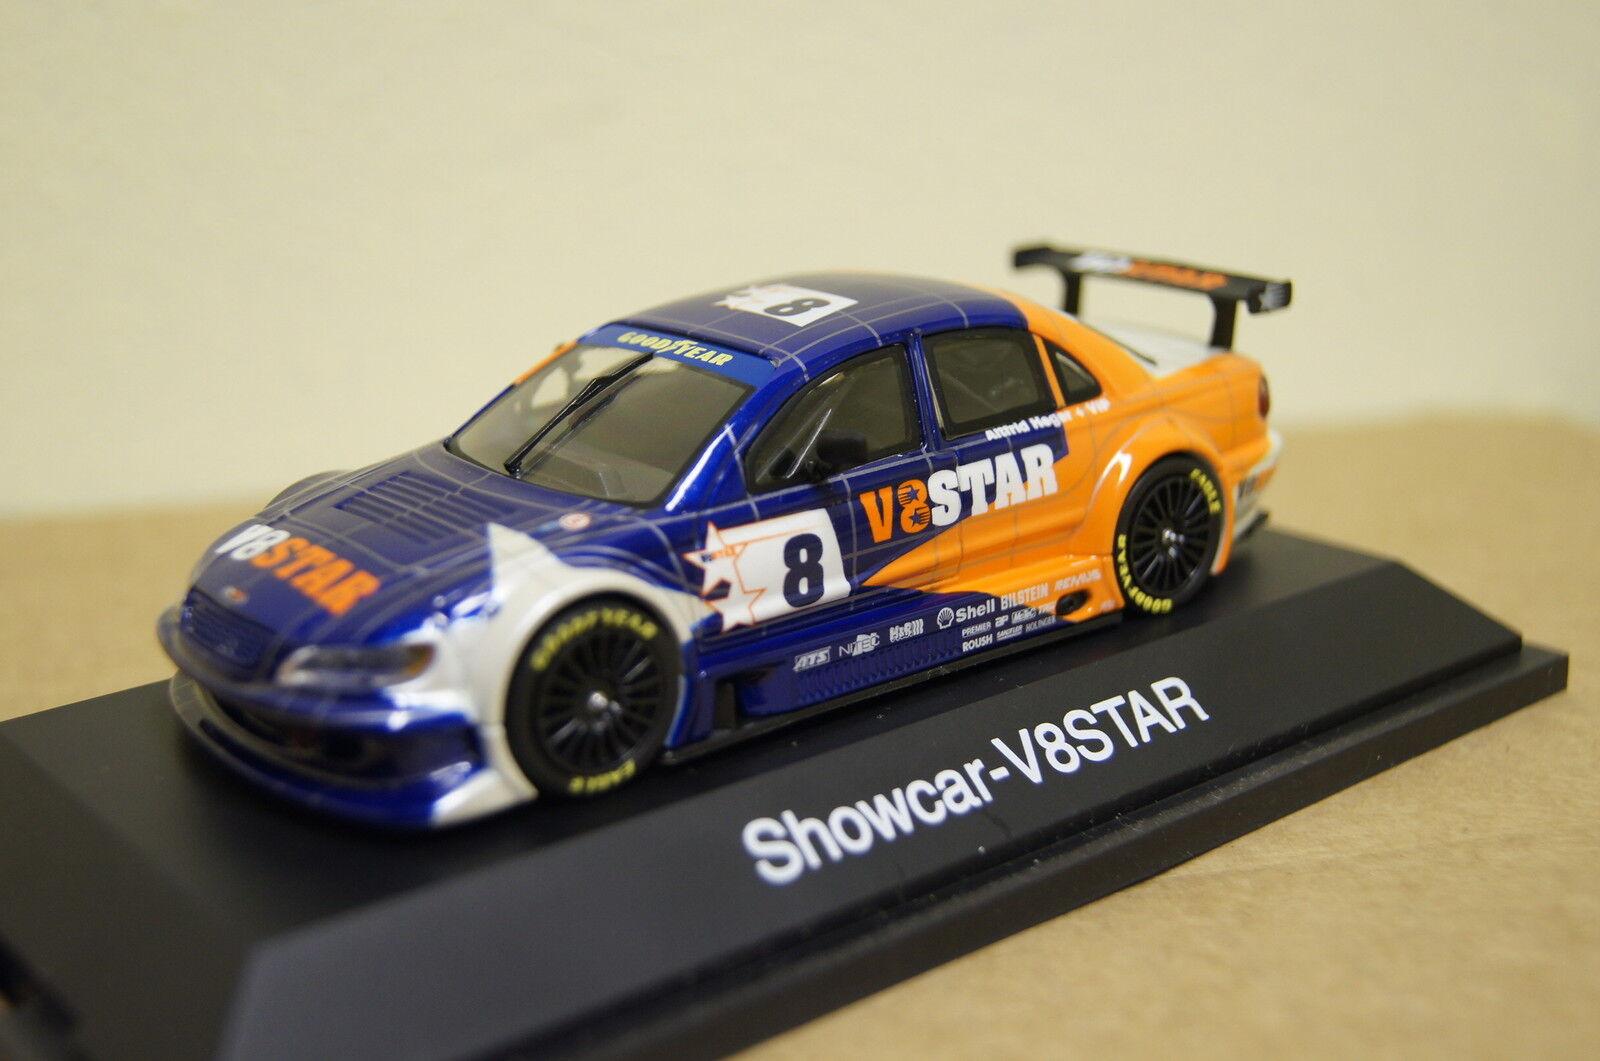 V8 star 2002  showcar   8 bleu-Orange 1 43 schuco NOUVEAU & OVP 4823